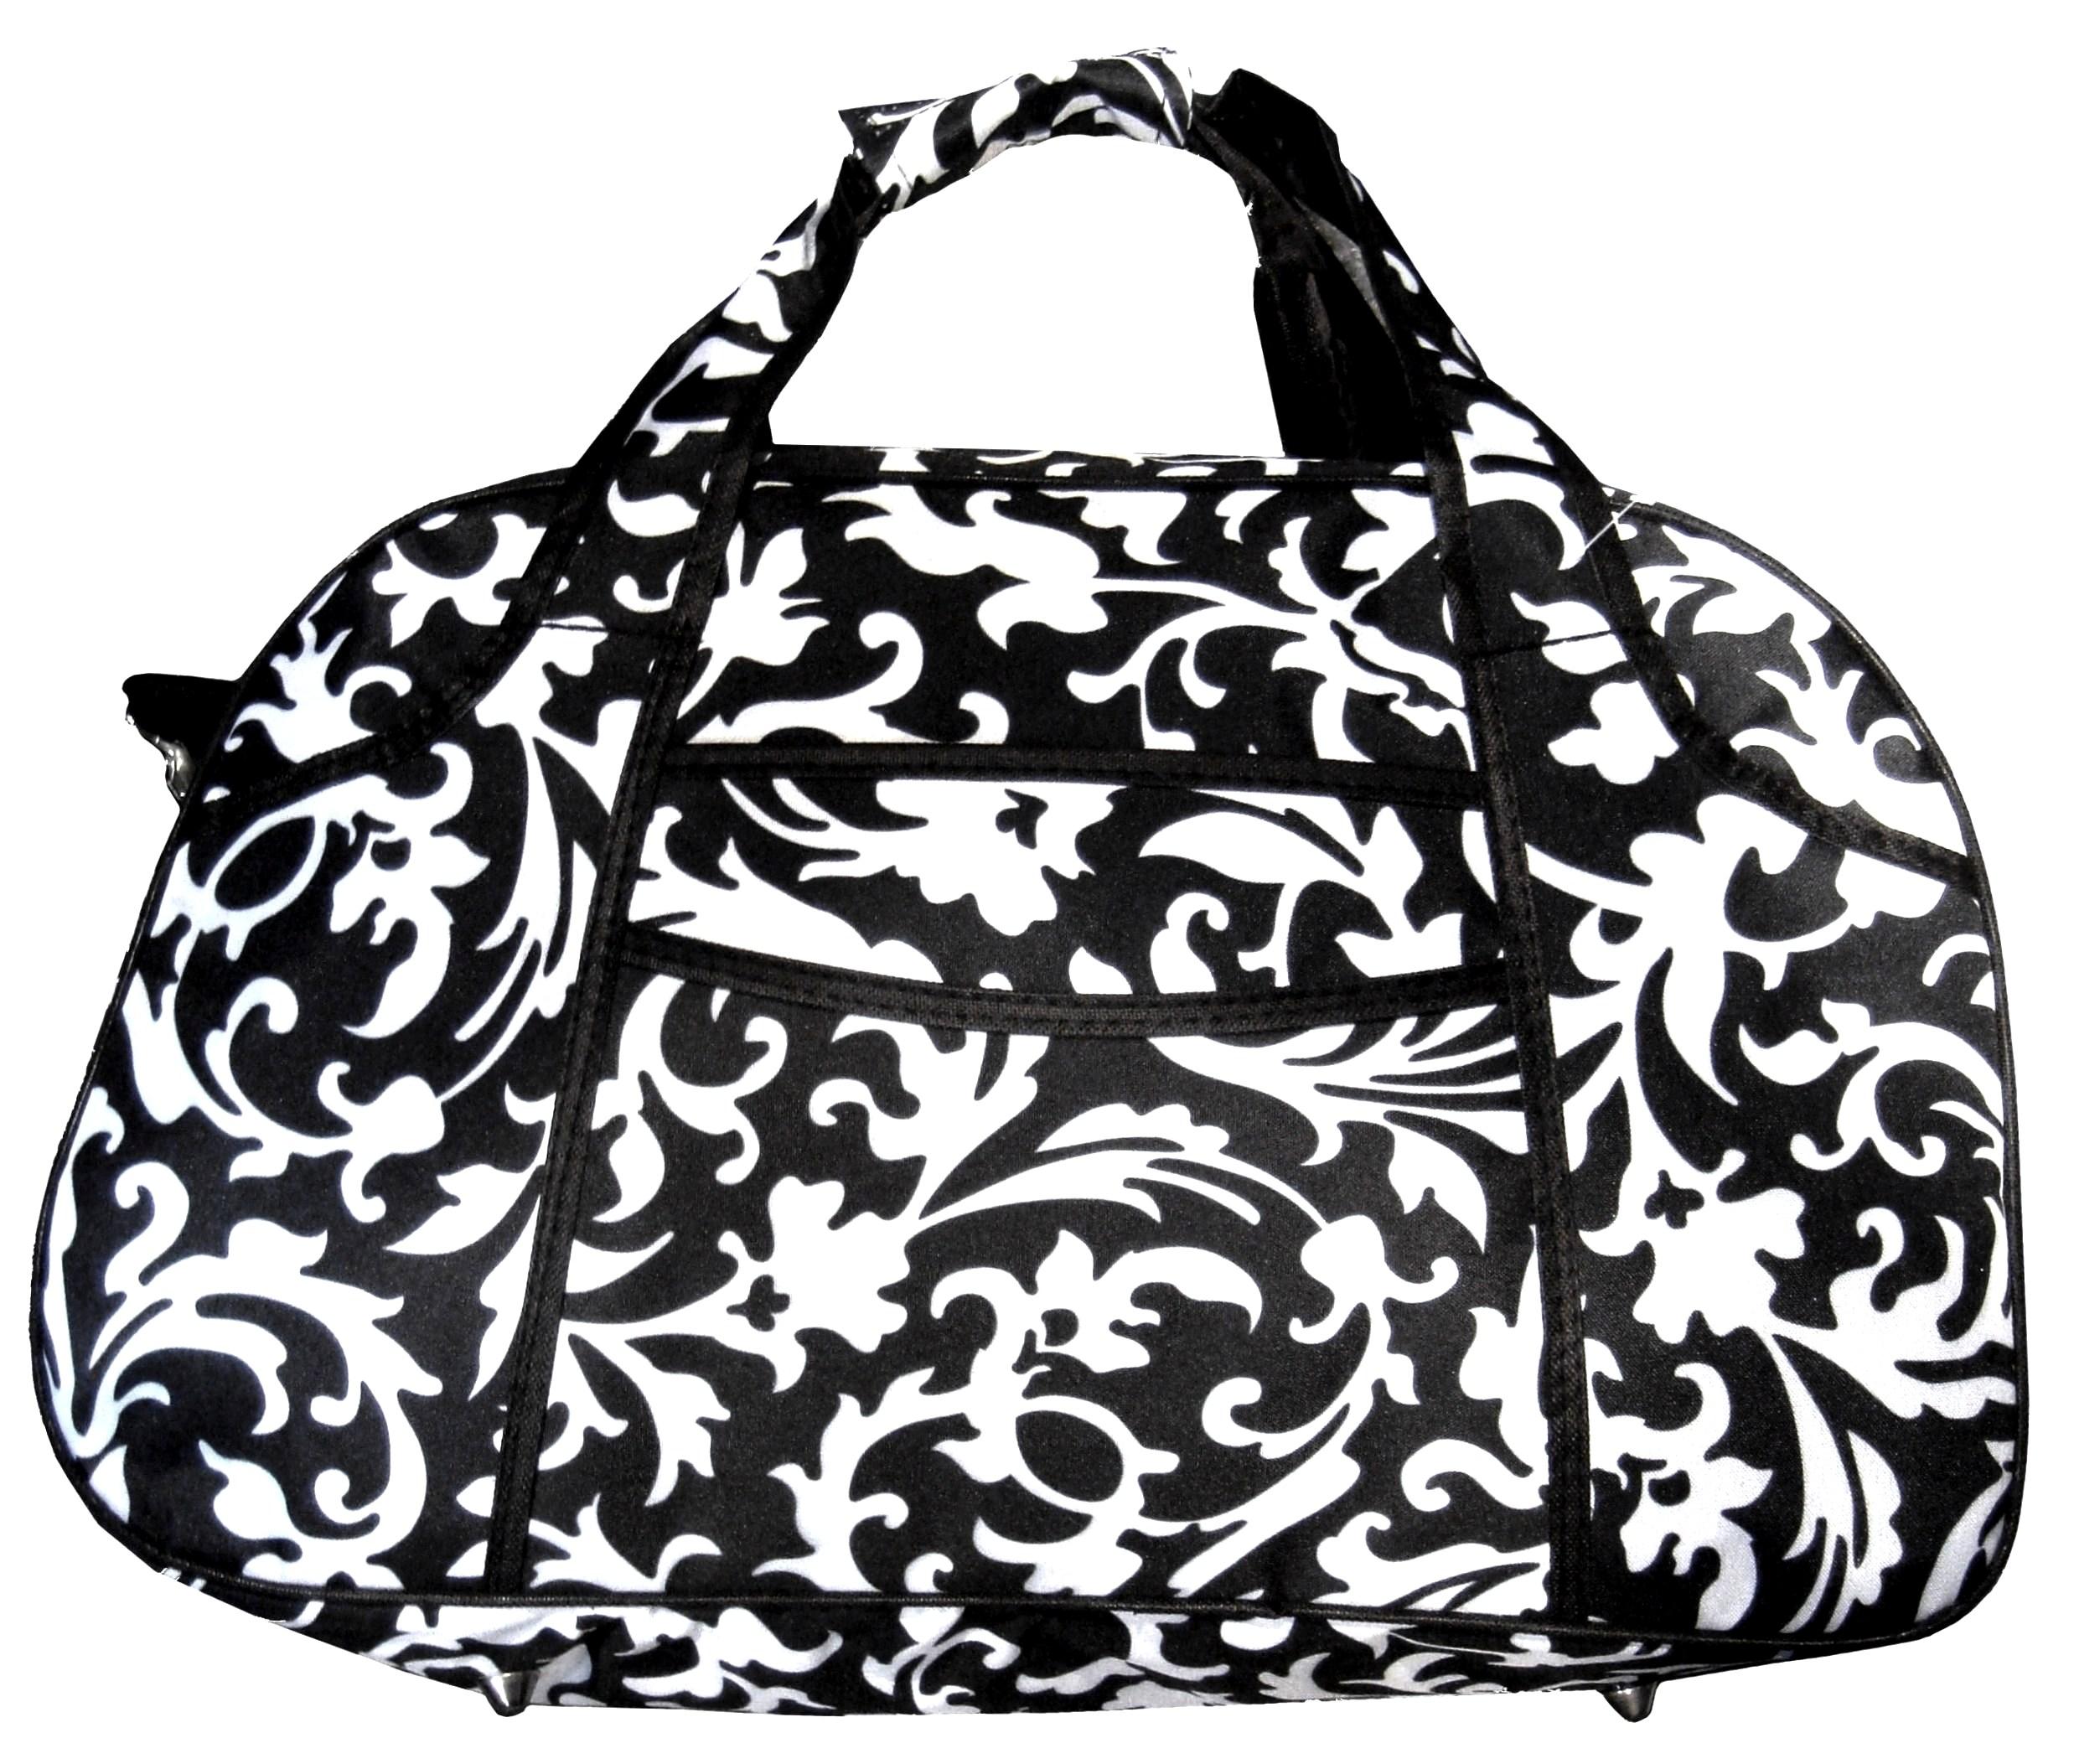 Damask Floral Print Small Carry On Duffle Duffel Travel Gym Bag W/ Black Trim | EBay